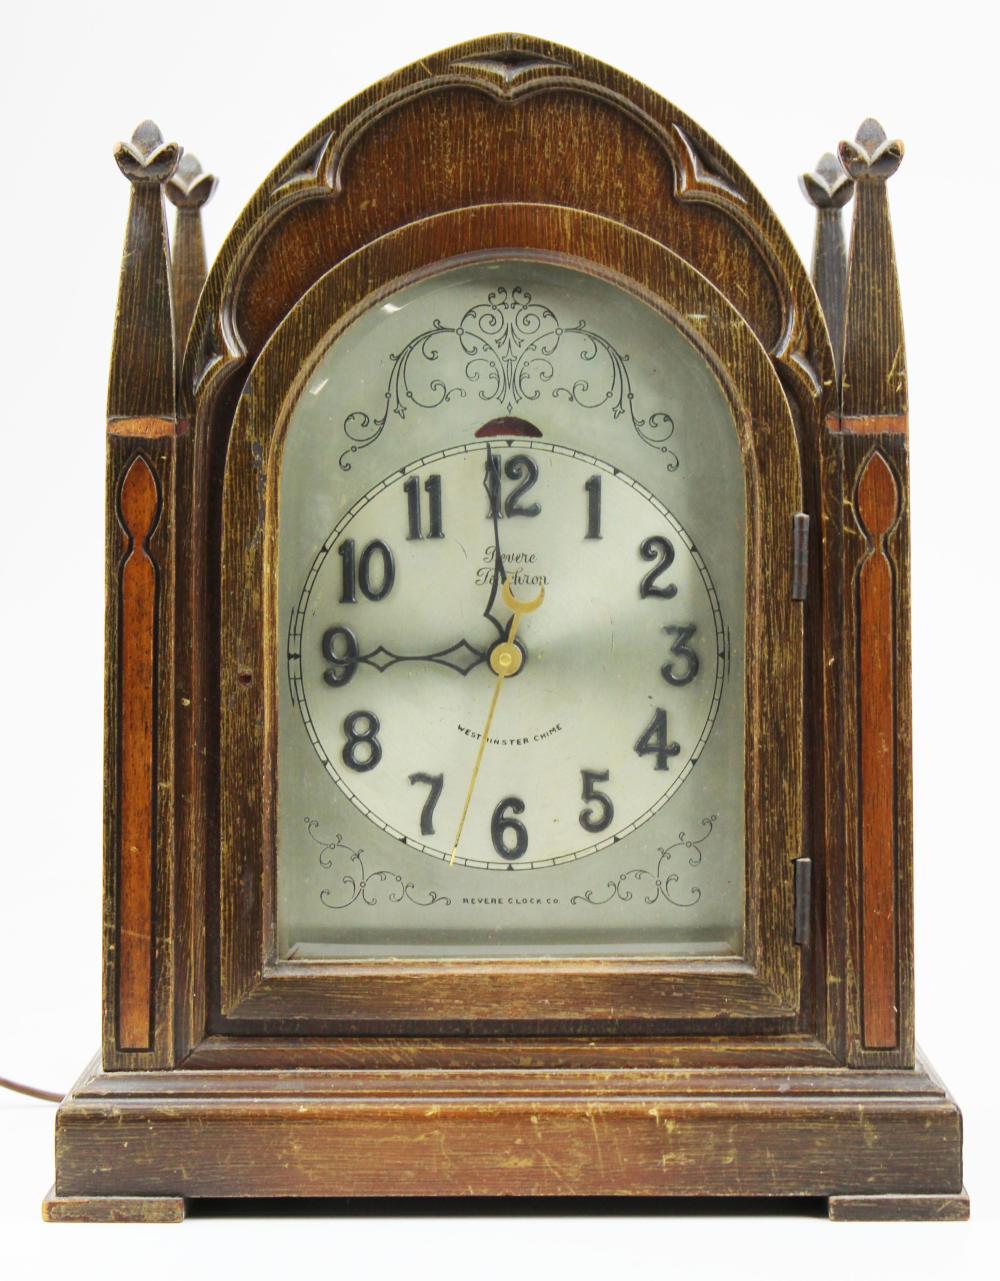 Revere Telechron Westminster chime clock